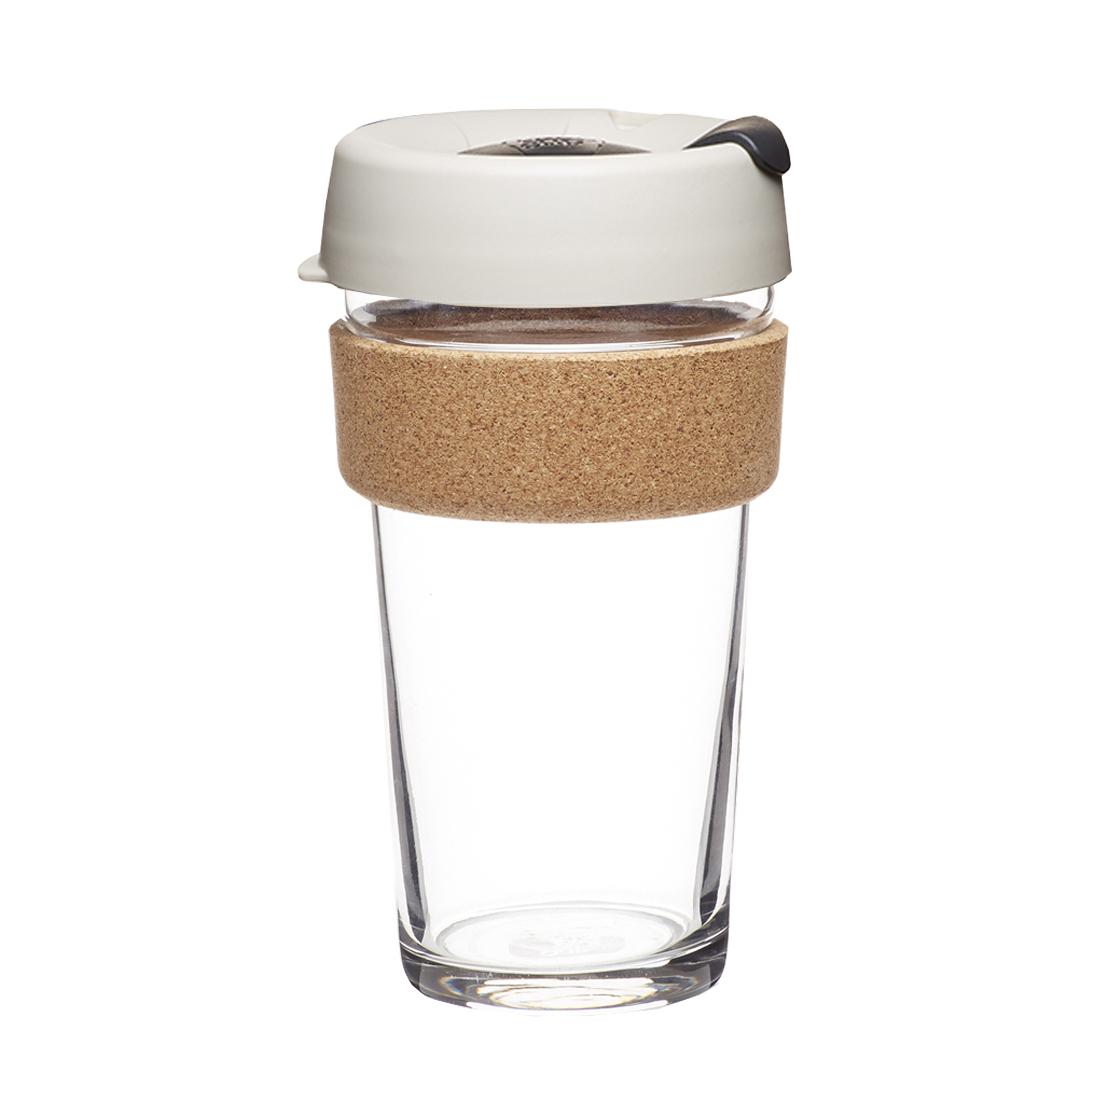 澳洲 KeepCup 隨身咖啡杯 軟木系列 L - 淺烘培